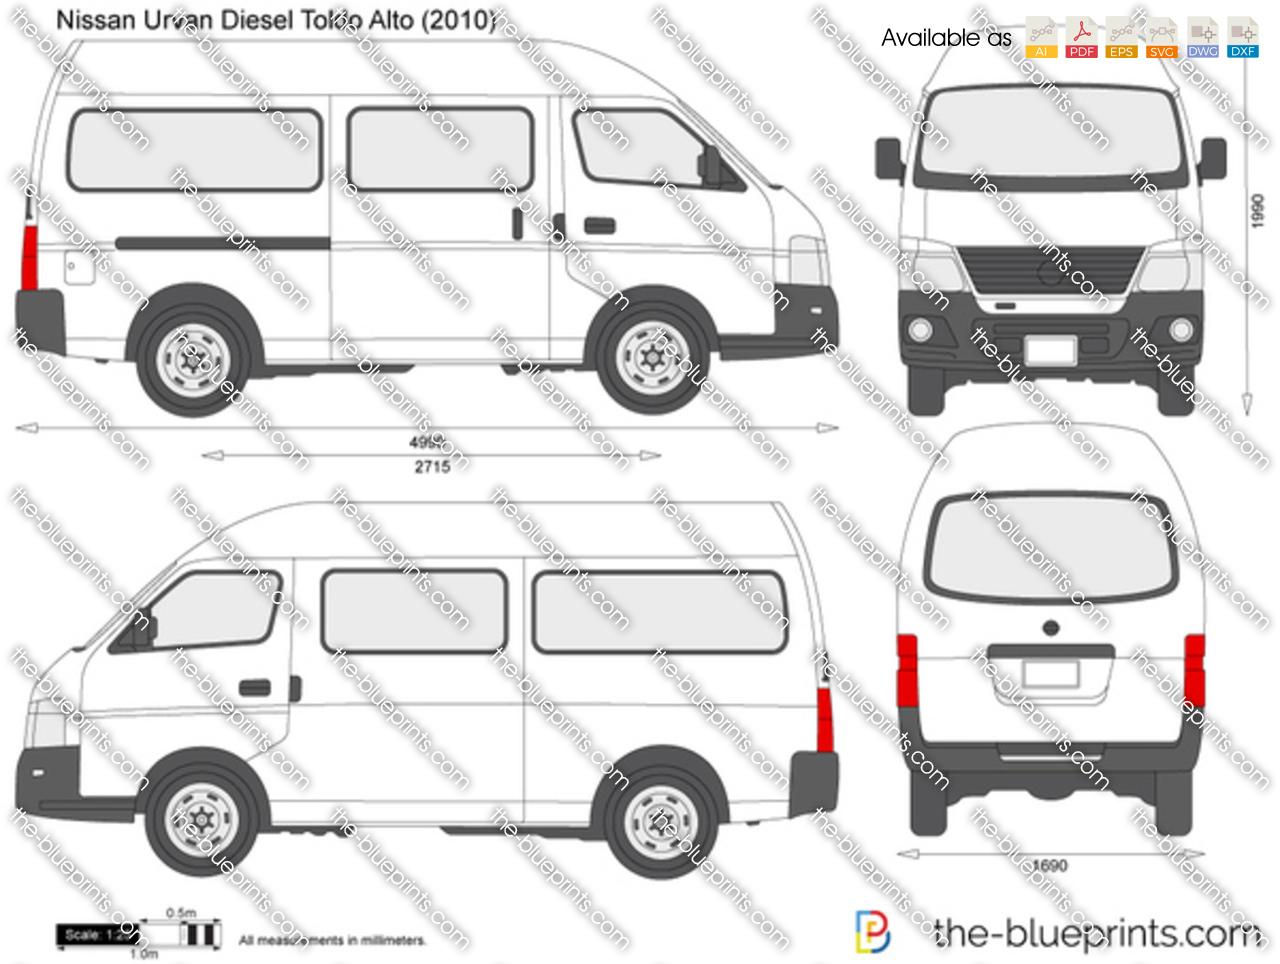 Nissan Urvan Diesel Toldo Alto 2011